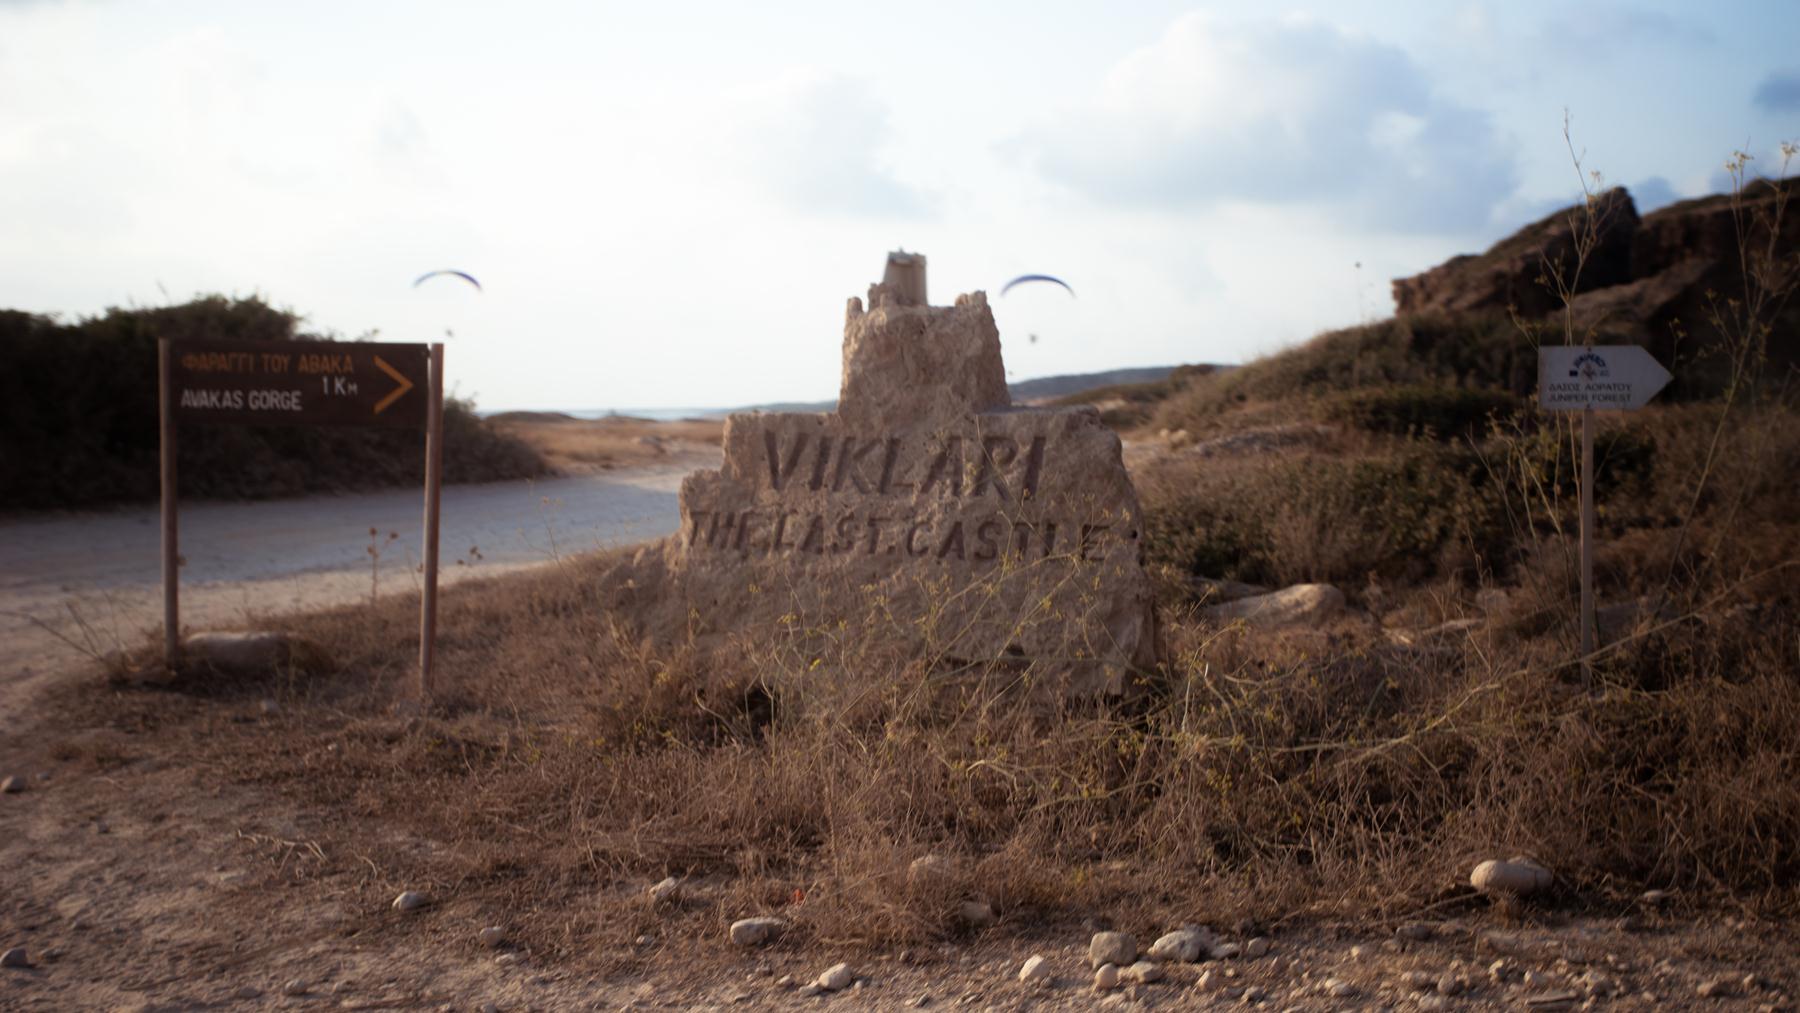 Поворот на Каньон Авакас